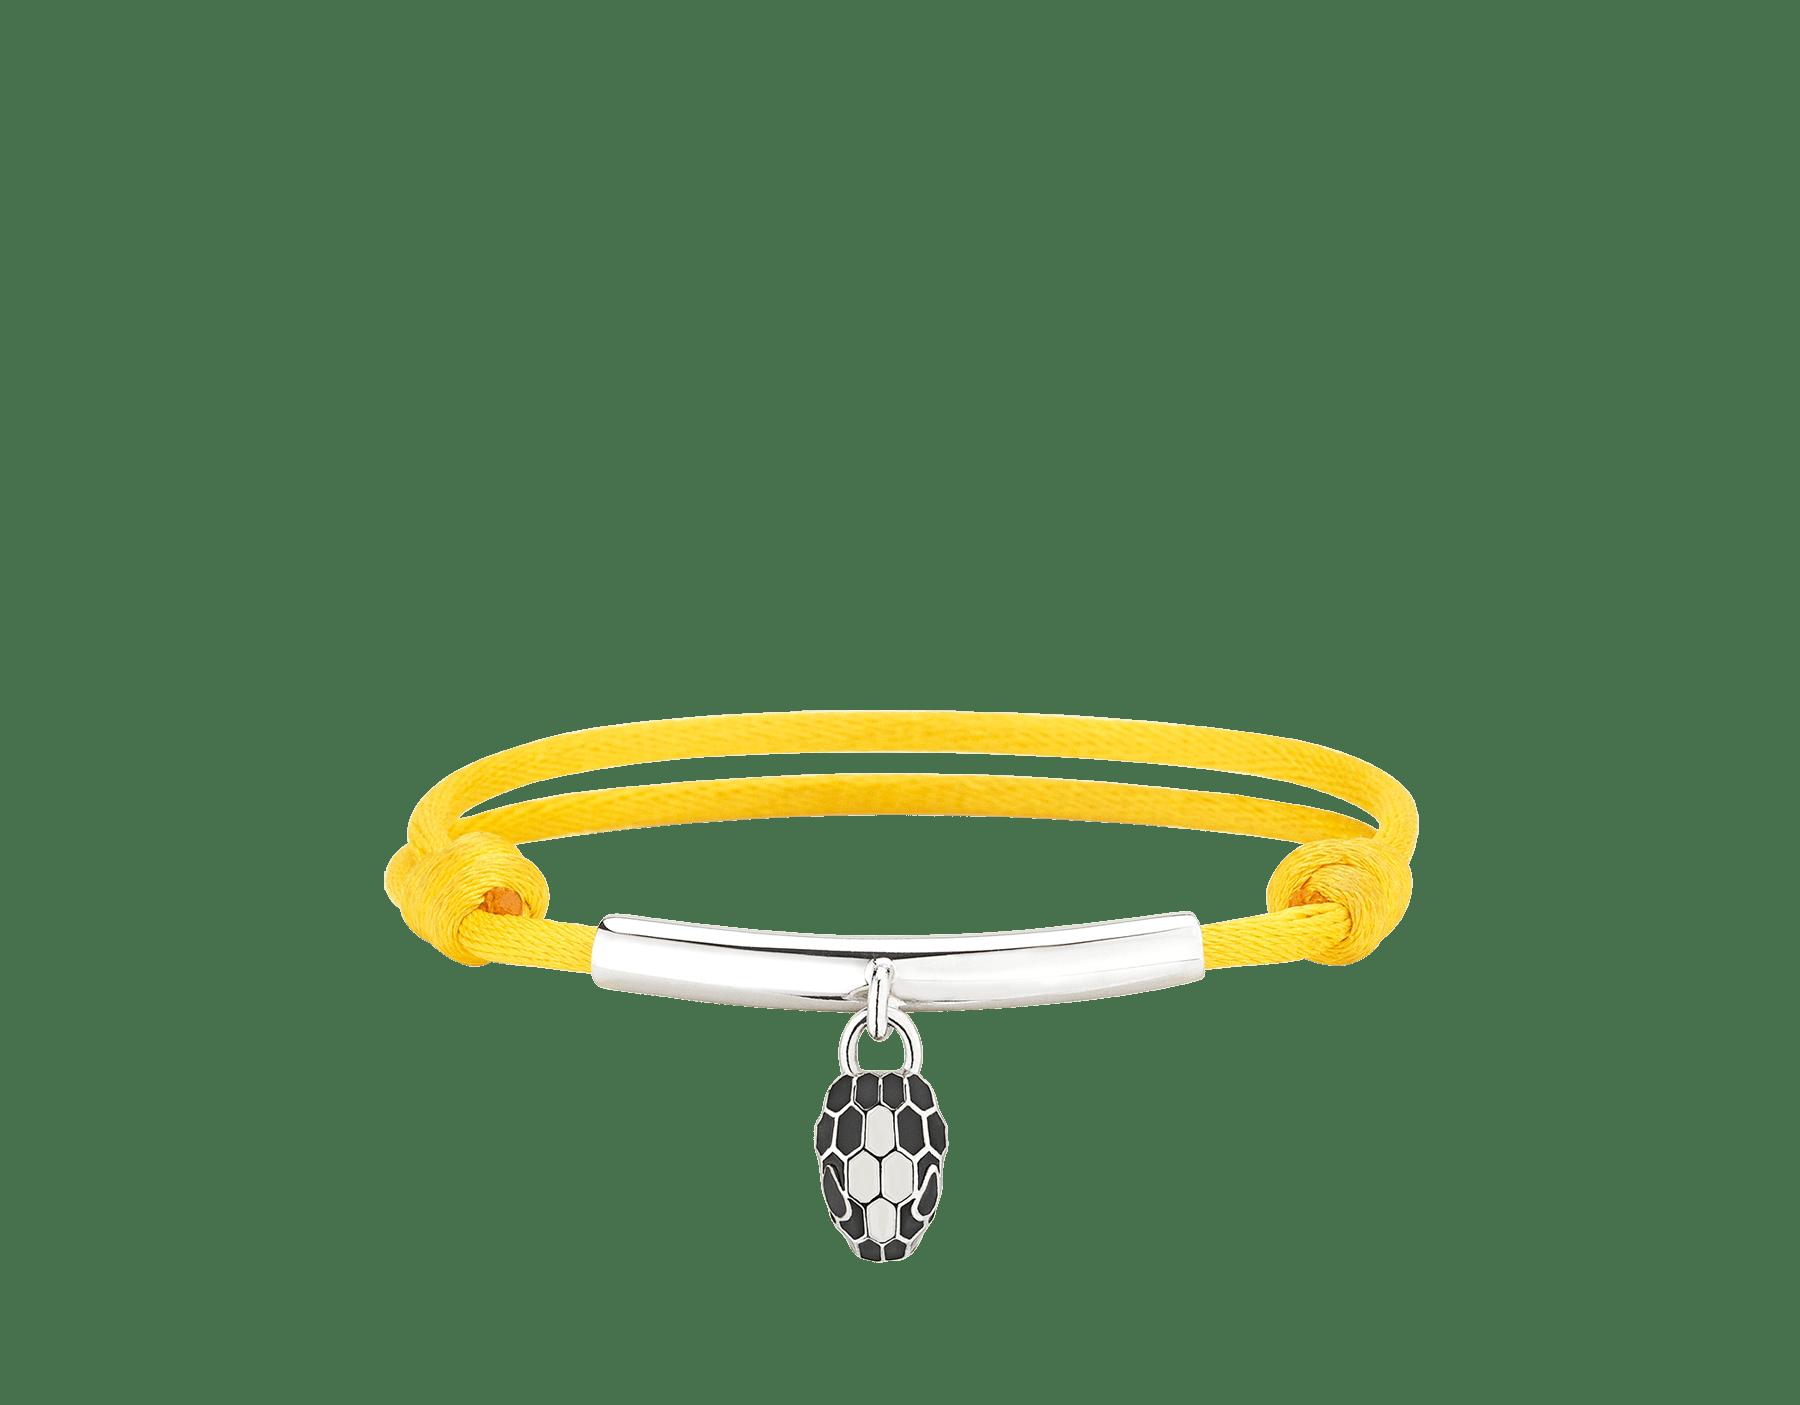 Pulsera Serpenti Forever en seda color topacio margarita con placa en latón bañado en paladio y un emblemático charm con la icónica cabeza de serpiente en esmalte negro y color ágata blanca, y ojos en esmalte negro. 290089 image 1